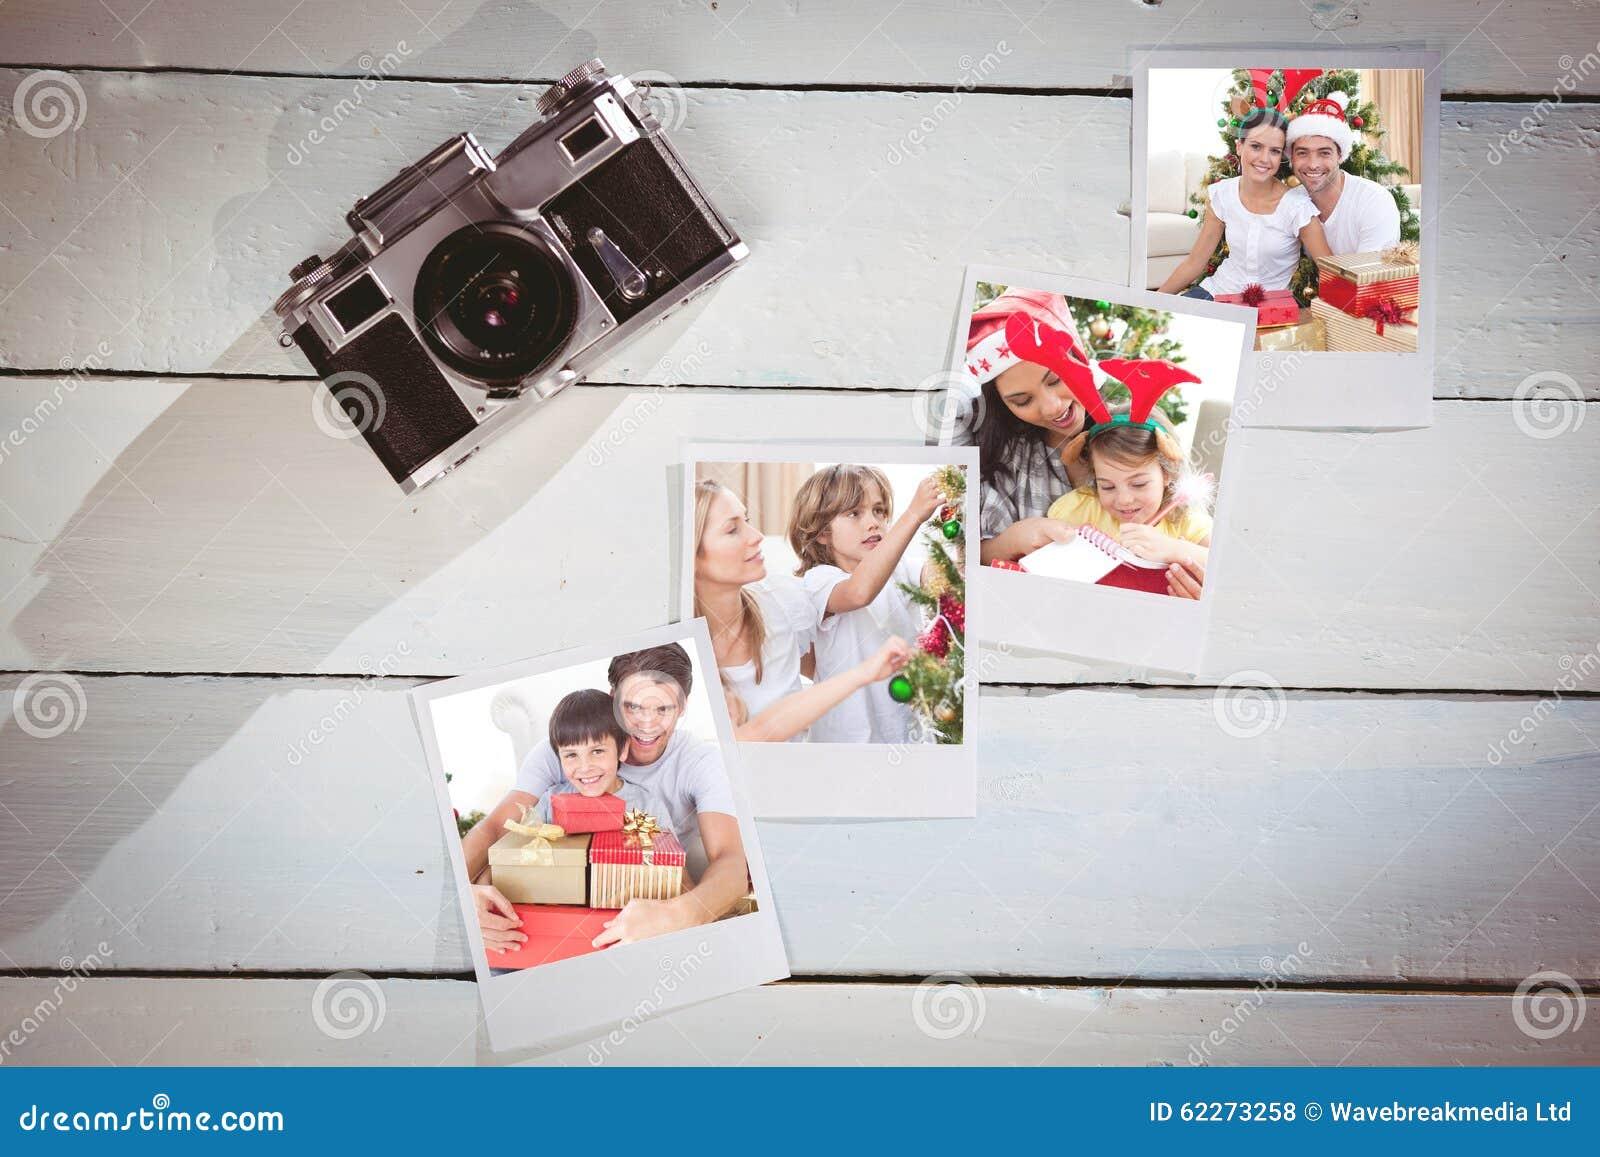 Samengesteld beeld van gelukkige paar het vieren Kerstmis thuis